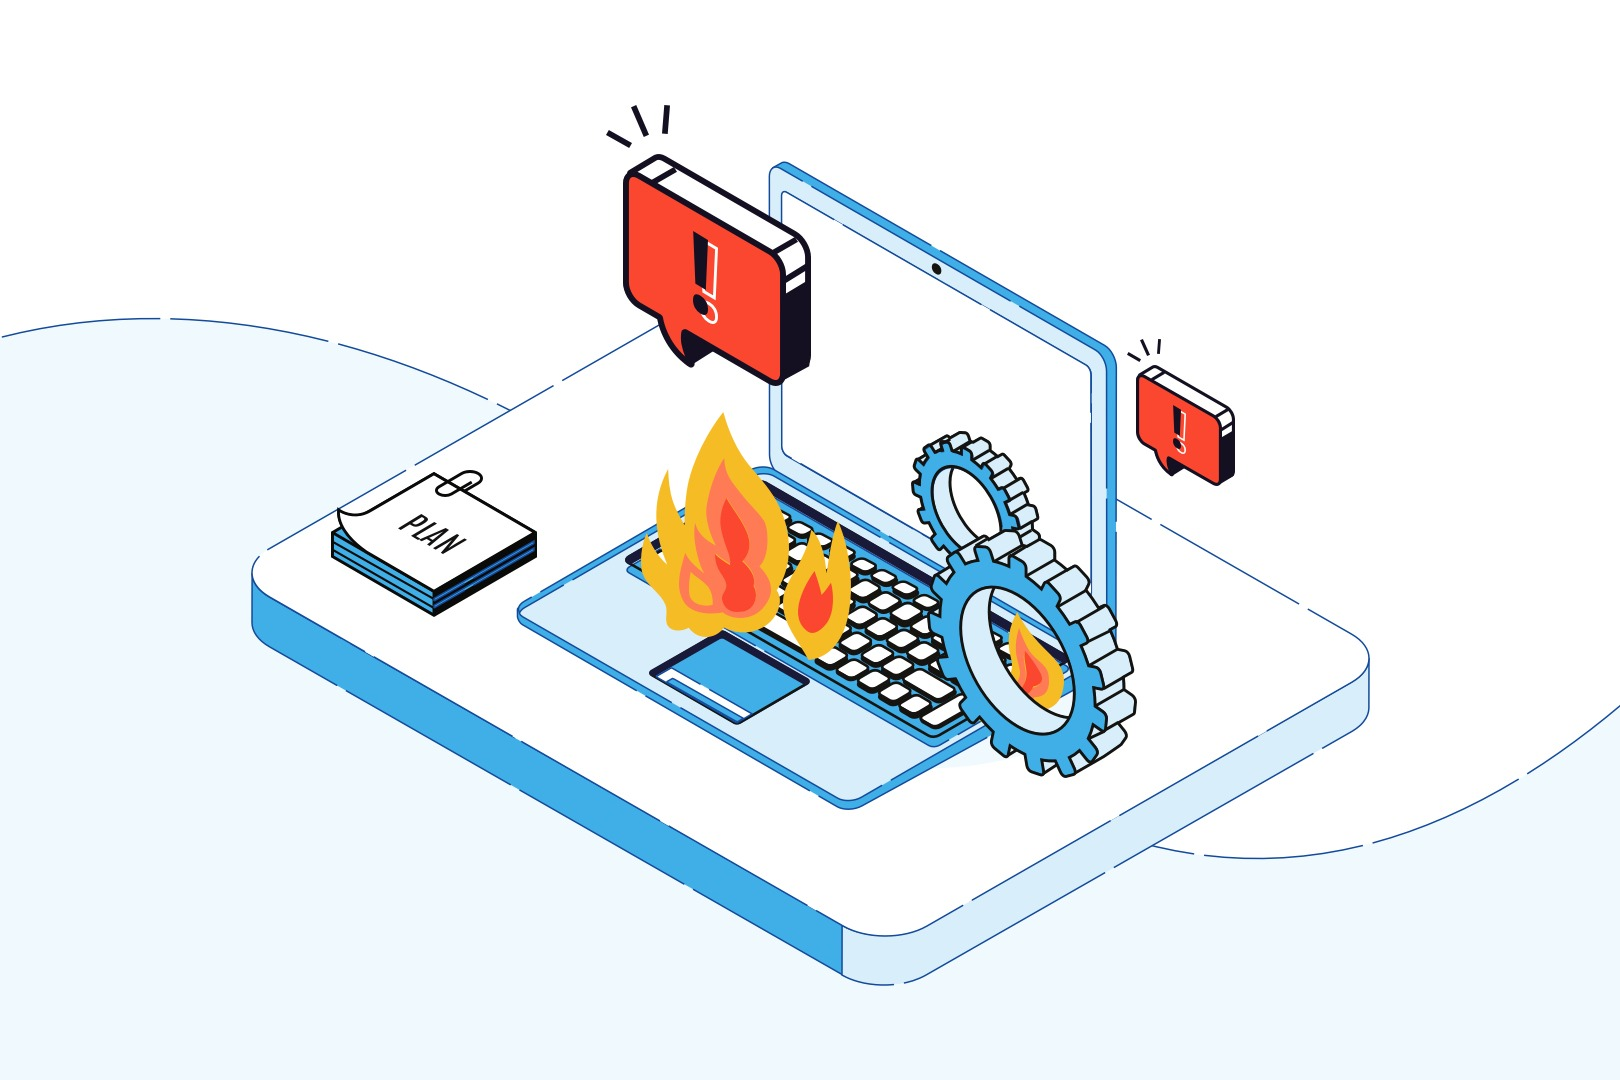 IT project risk management: 7 most common software development risks